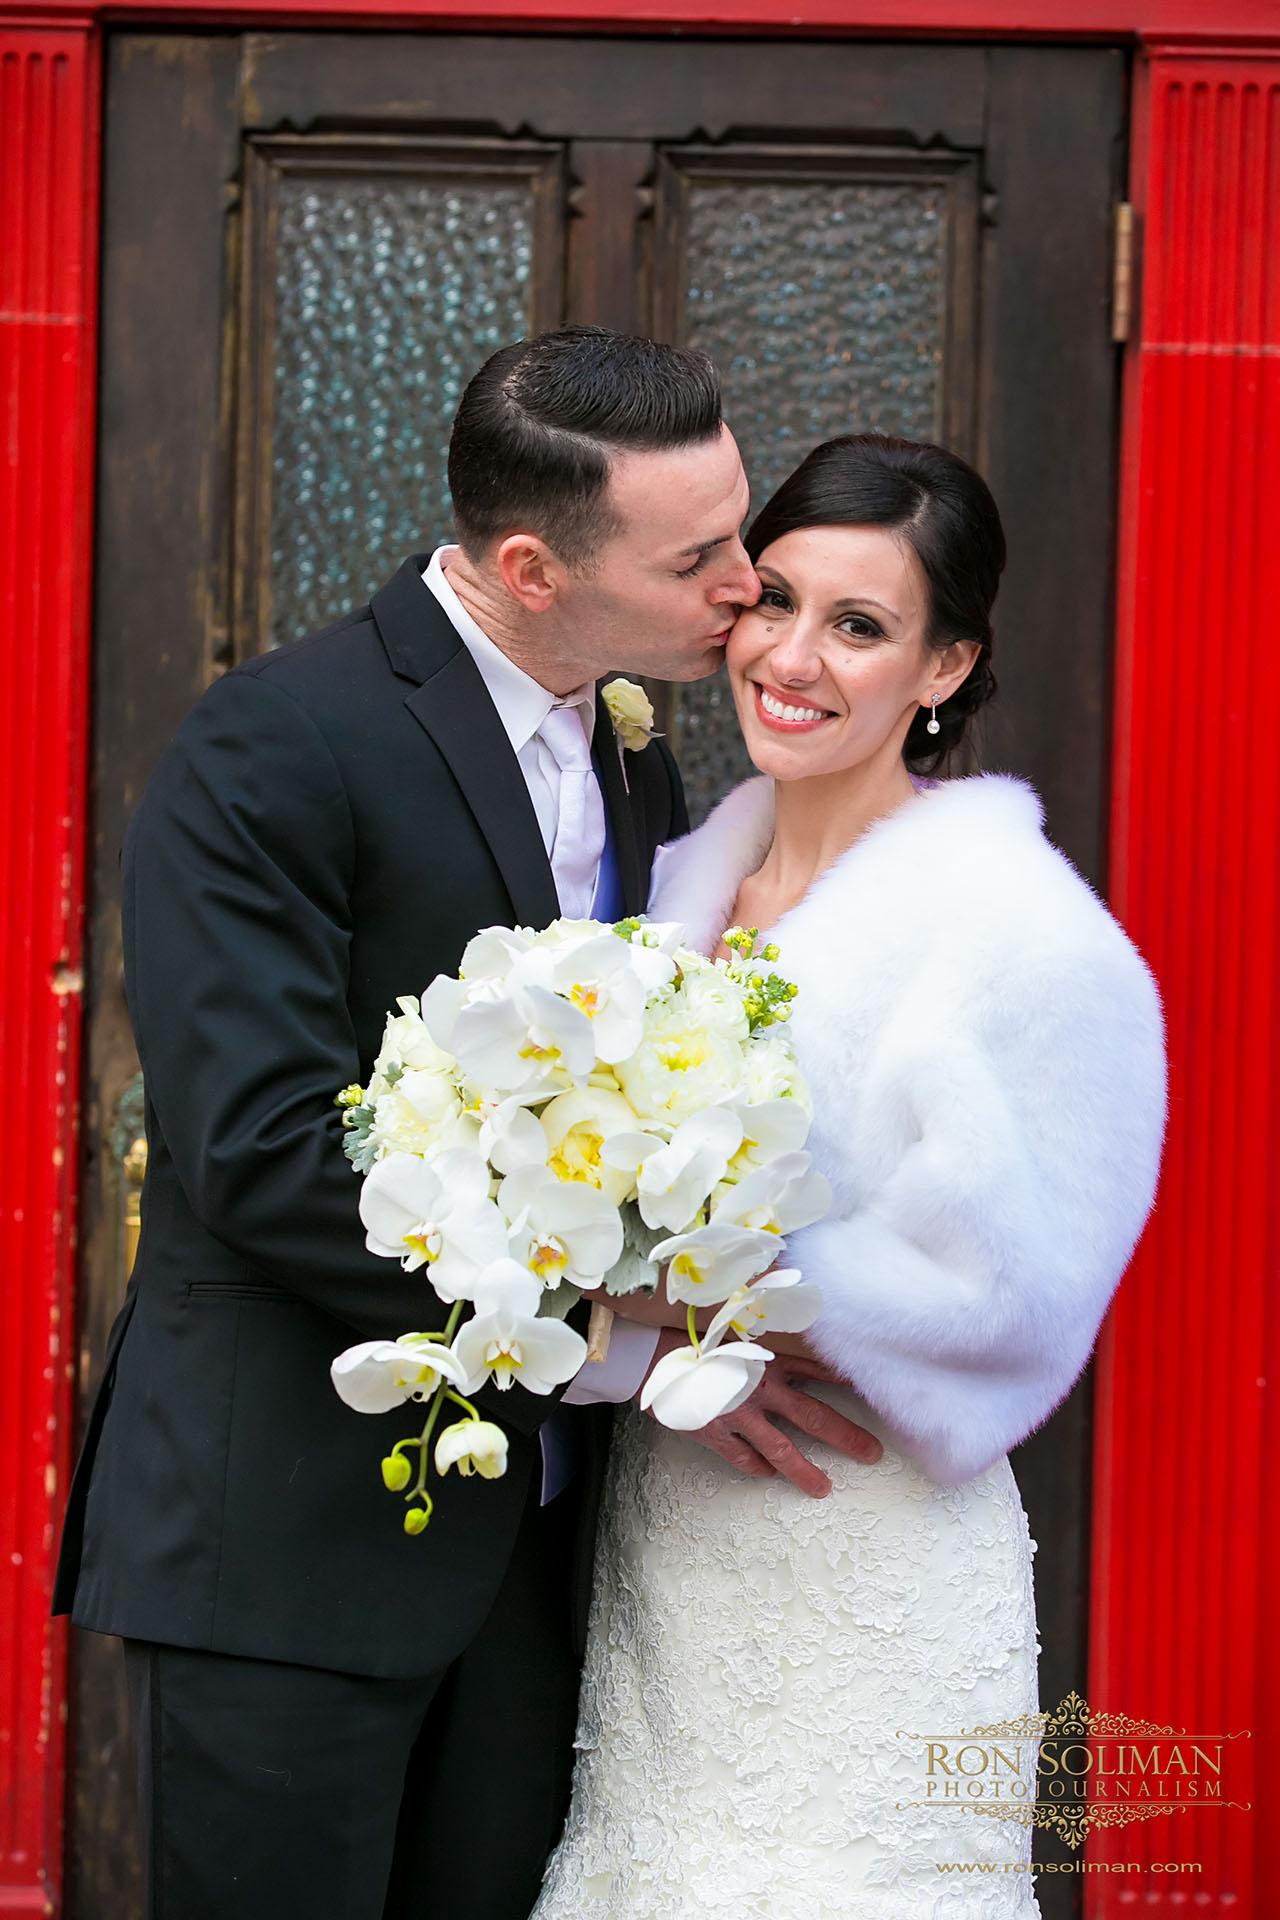 Media Pennsylvania Courthouse wedding photos